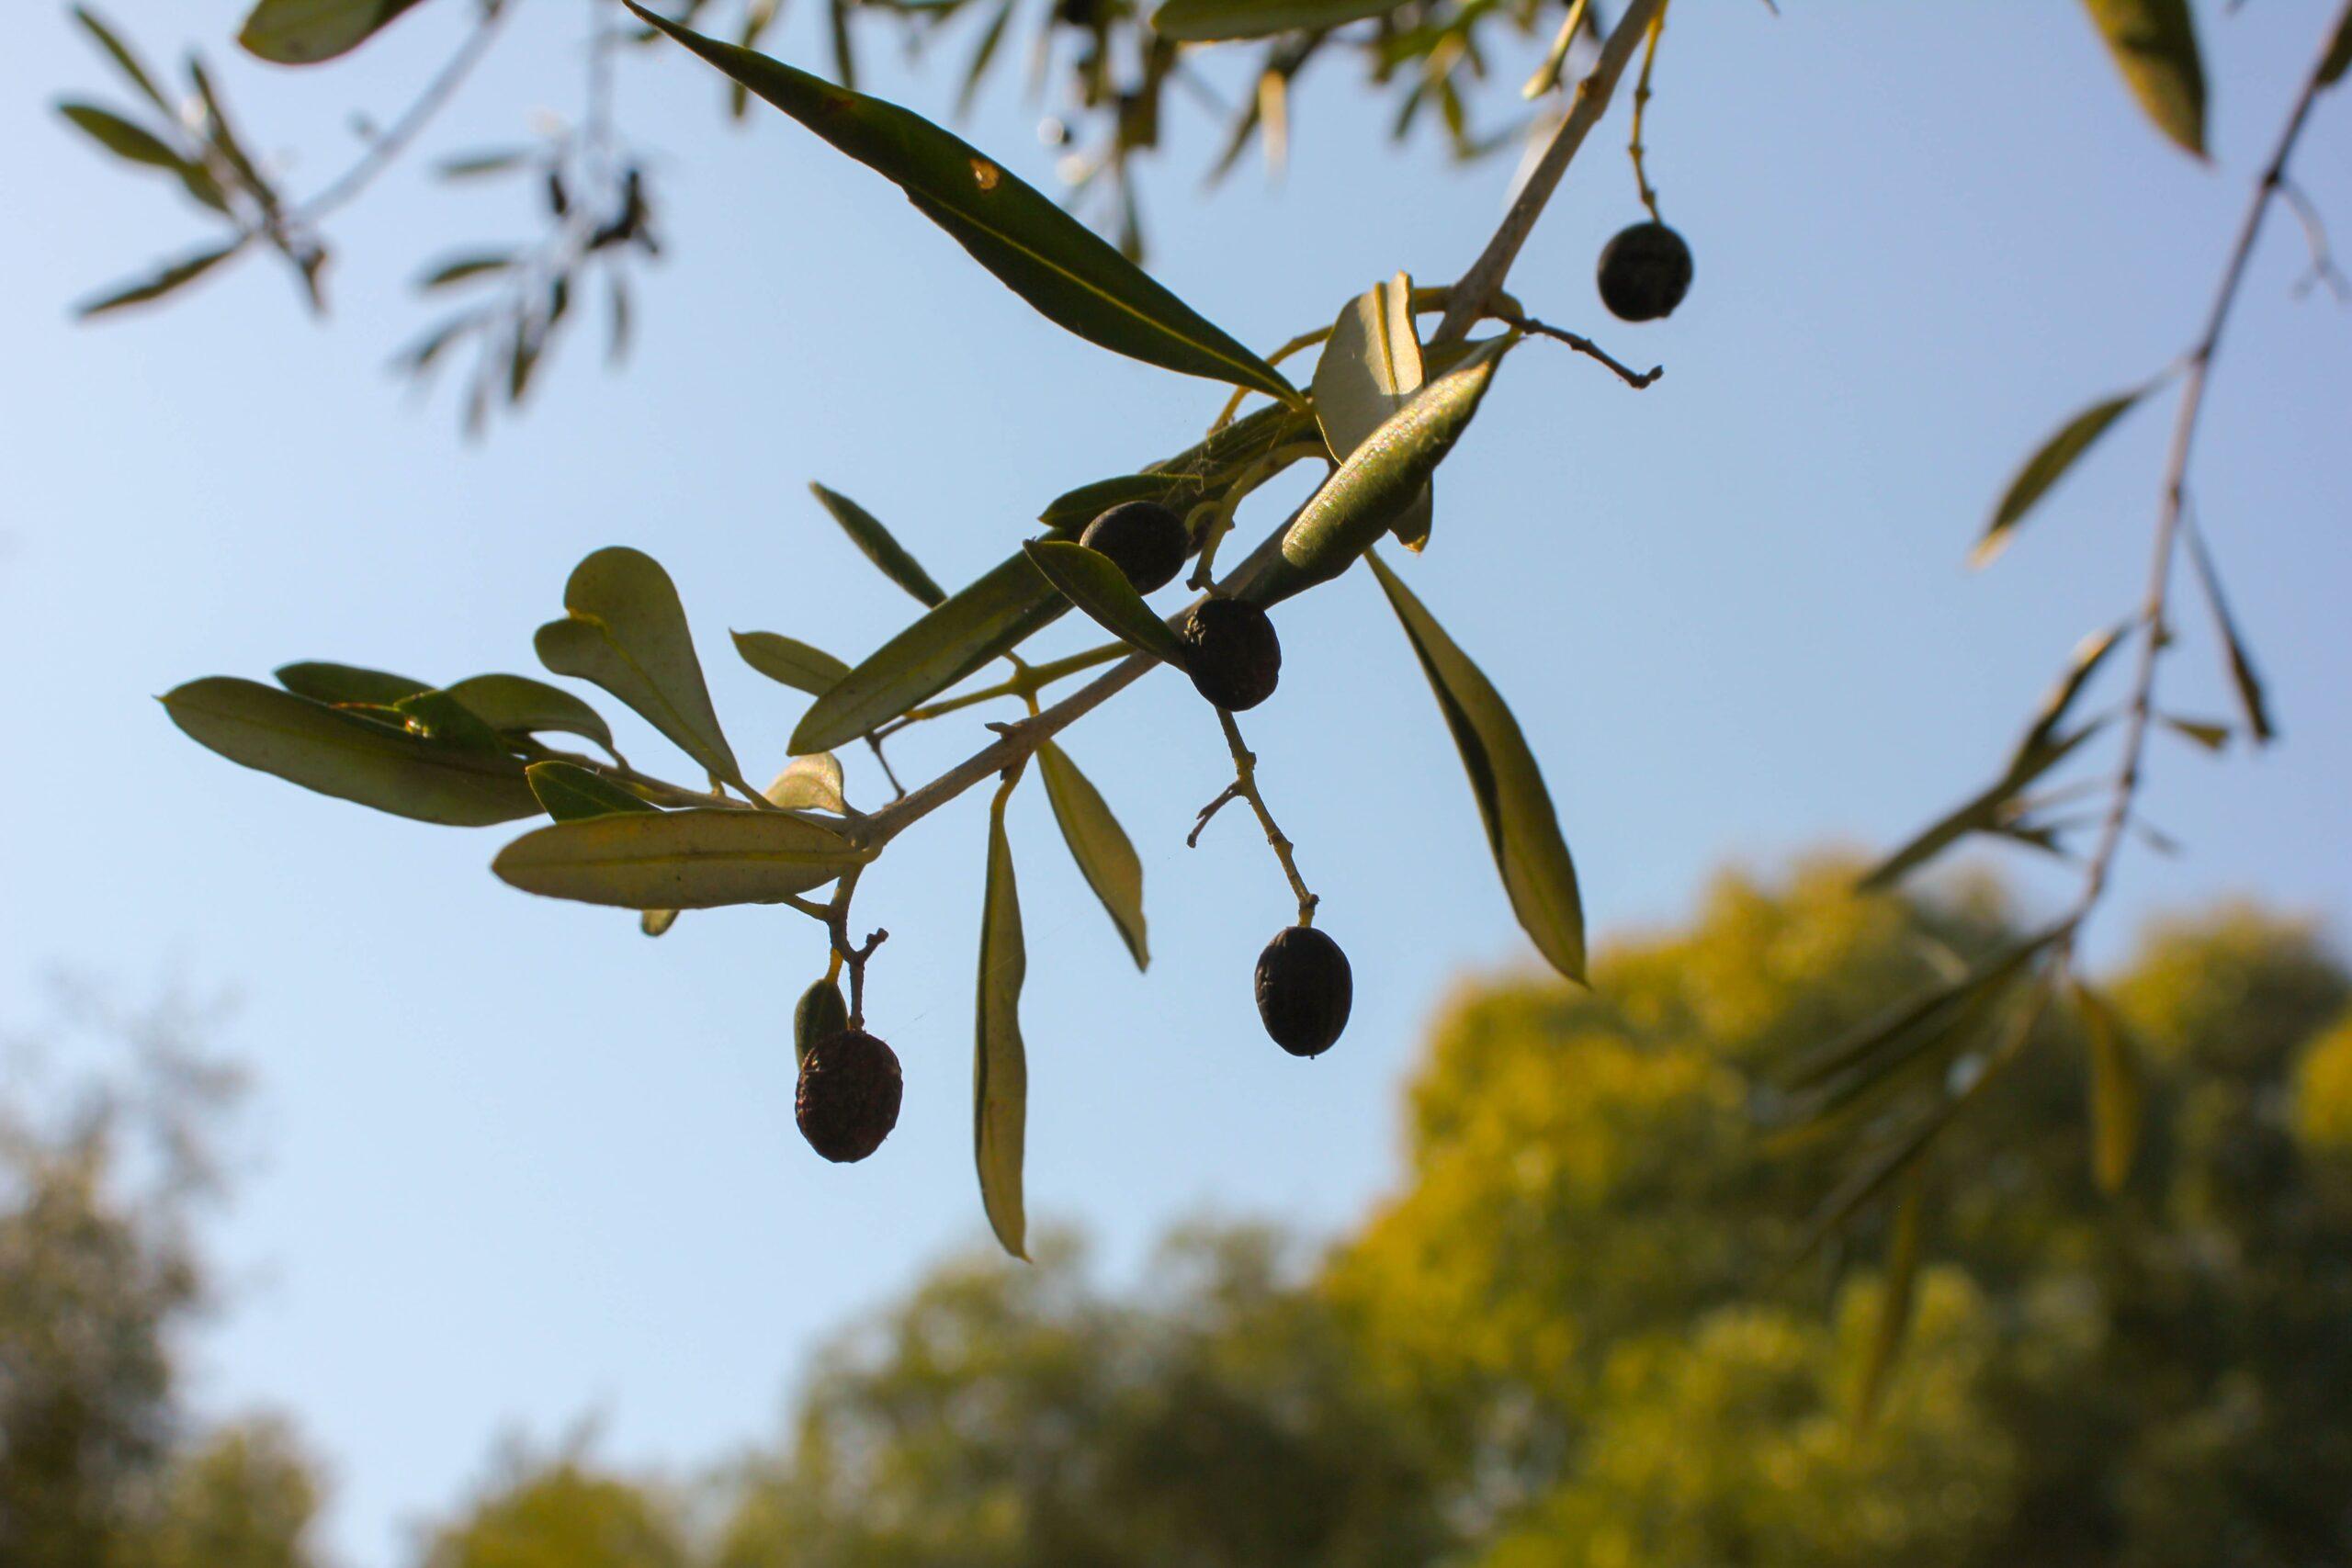 Nergistepe Çiftliği zeytinlerinin diğer zeytinlerden farkı nedir?